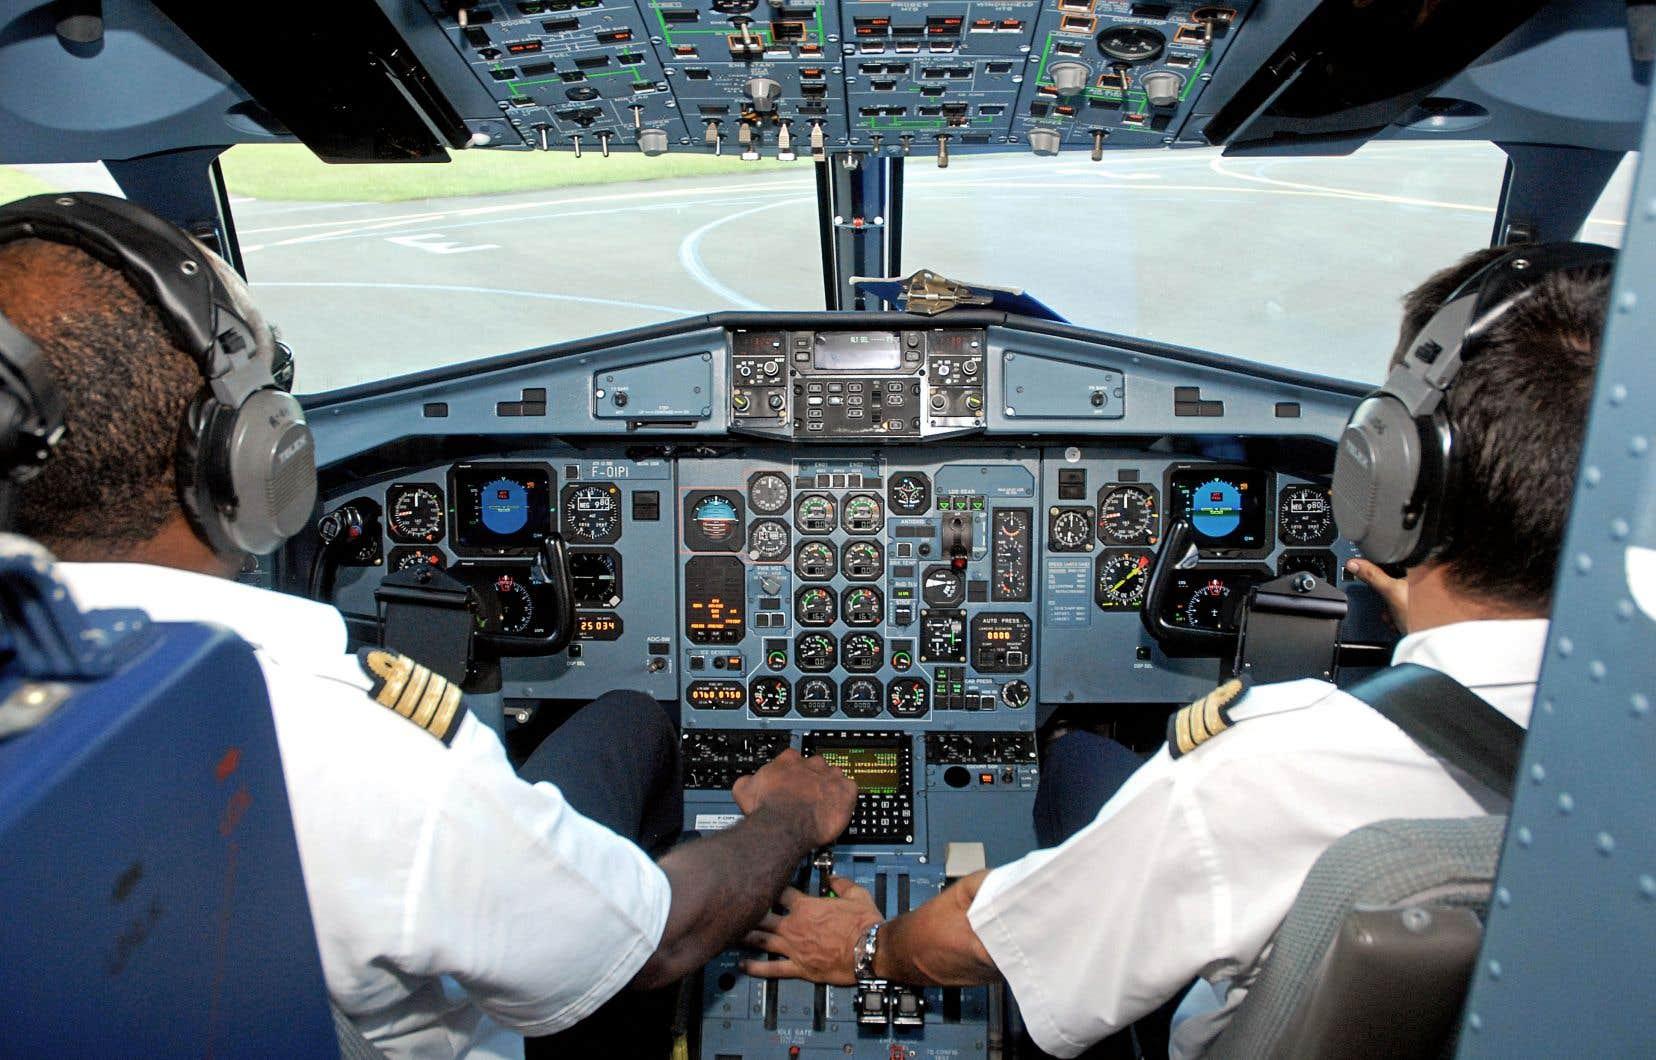 Seulement 5% des pilotes civils en fonction sont des femmes, selon CAE, qui a décidé d'offrir à partir de l'automne 2018 cinq bourses d'études complètes chaque année destinées à des candidates.